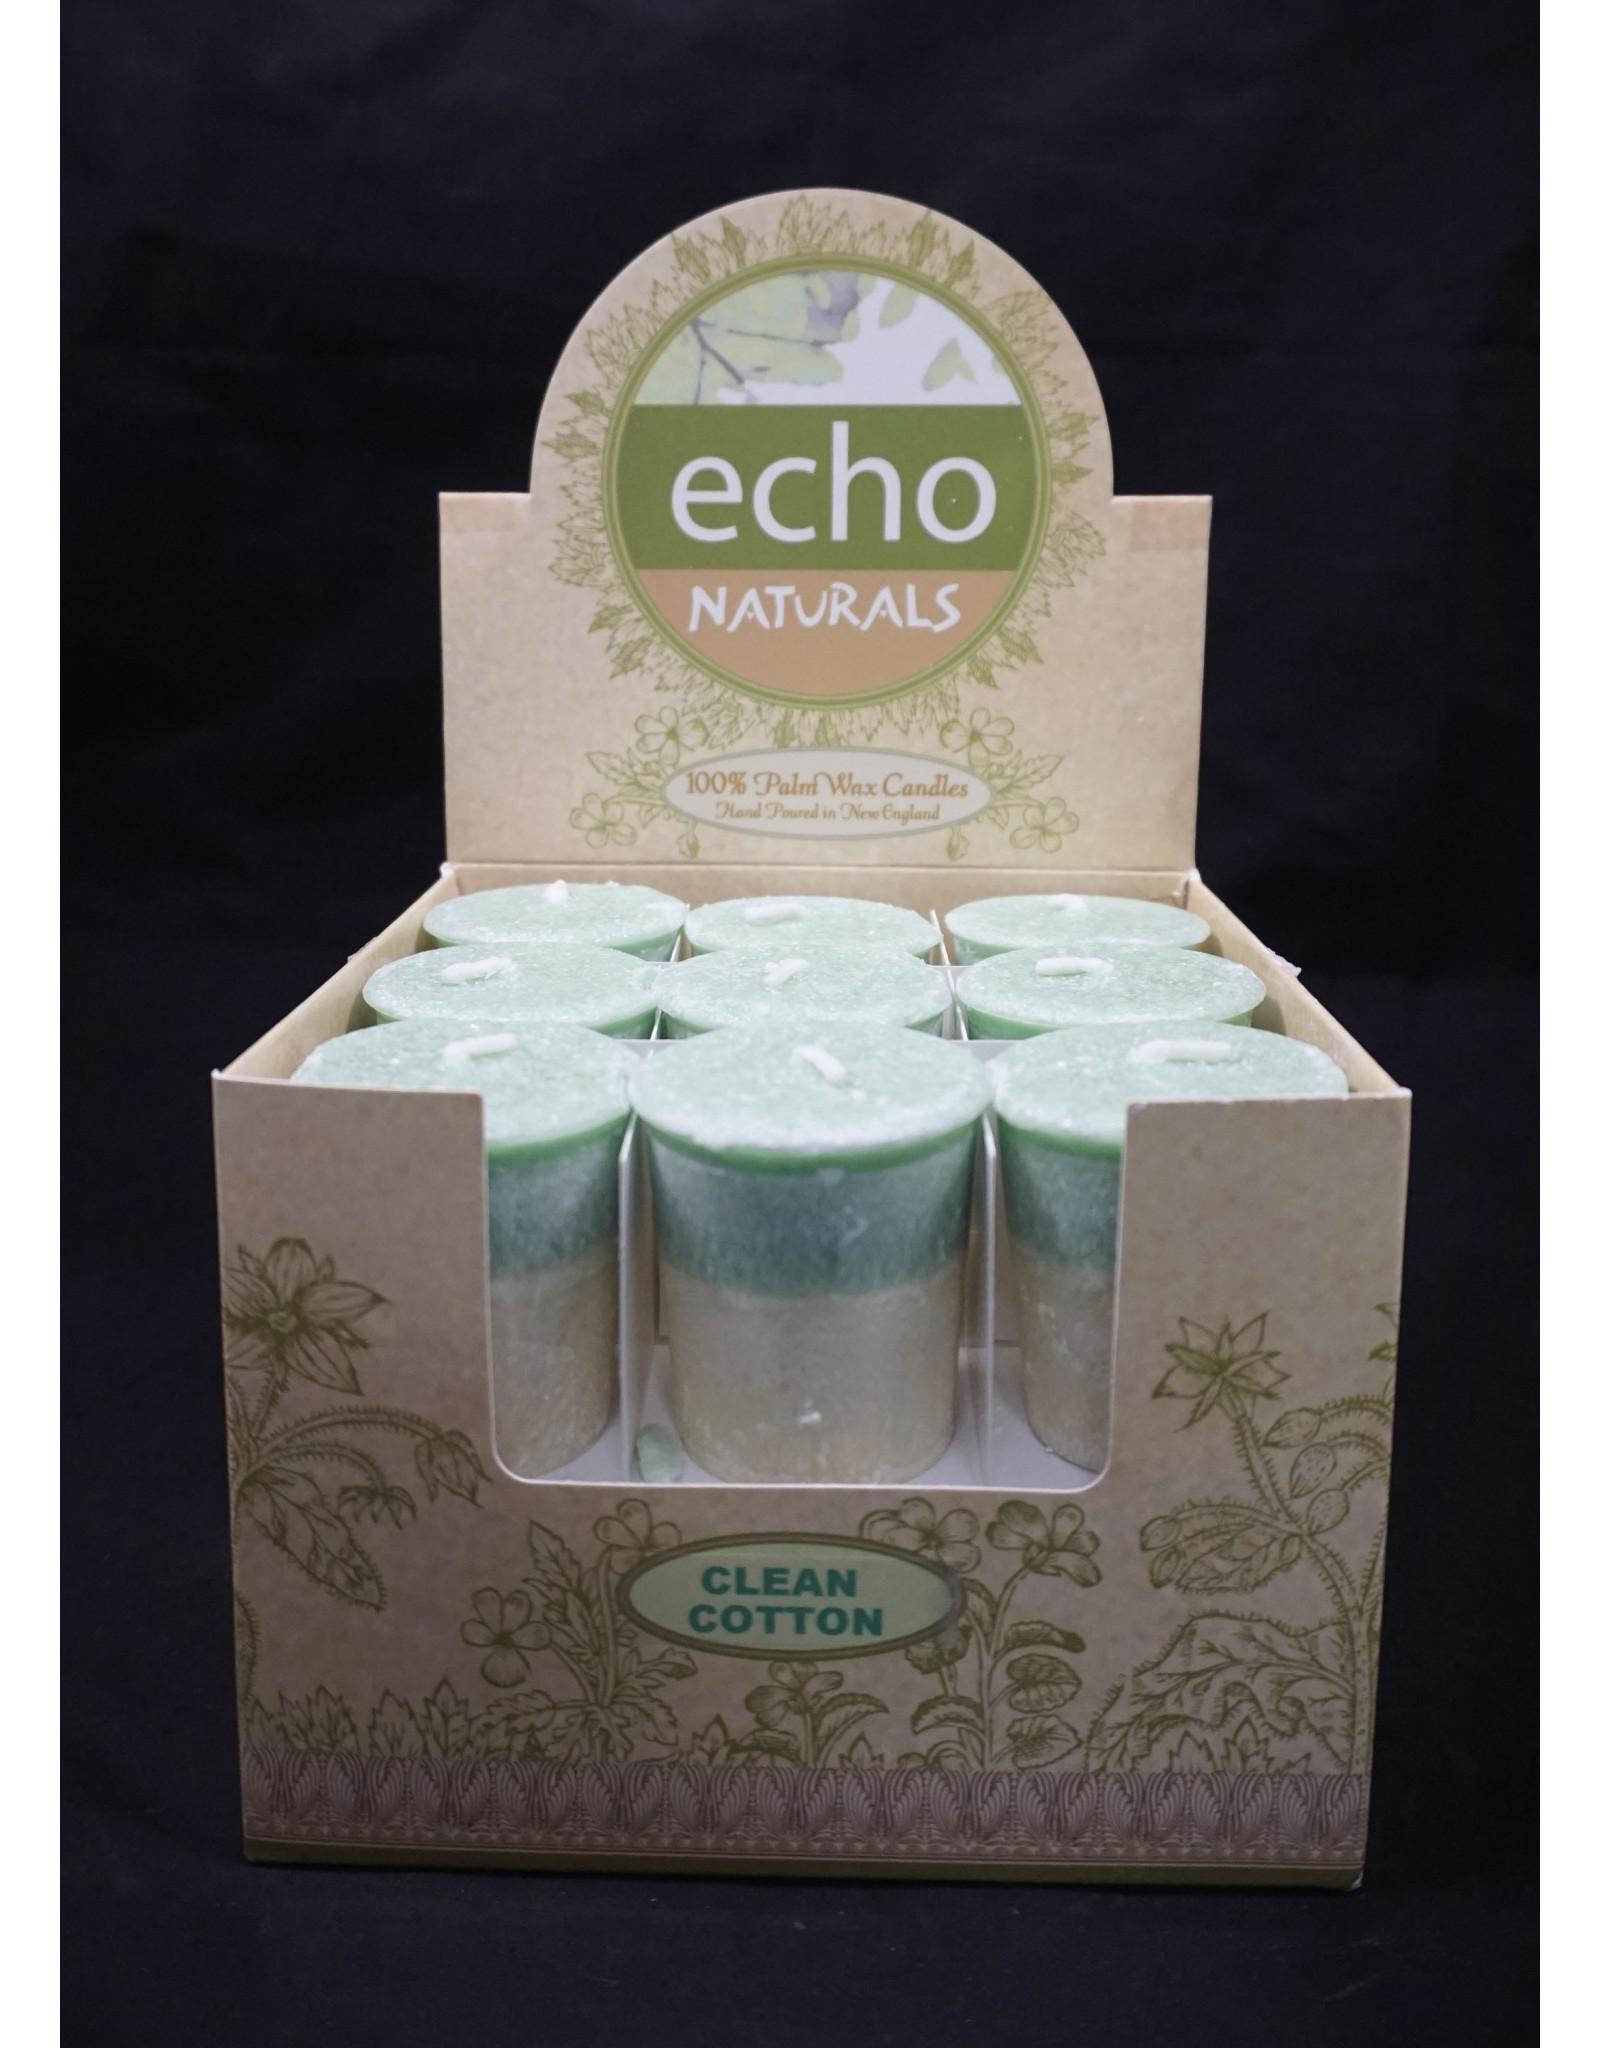 Echo Naturals Votive Candle - Clean Cotton